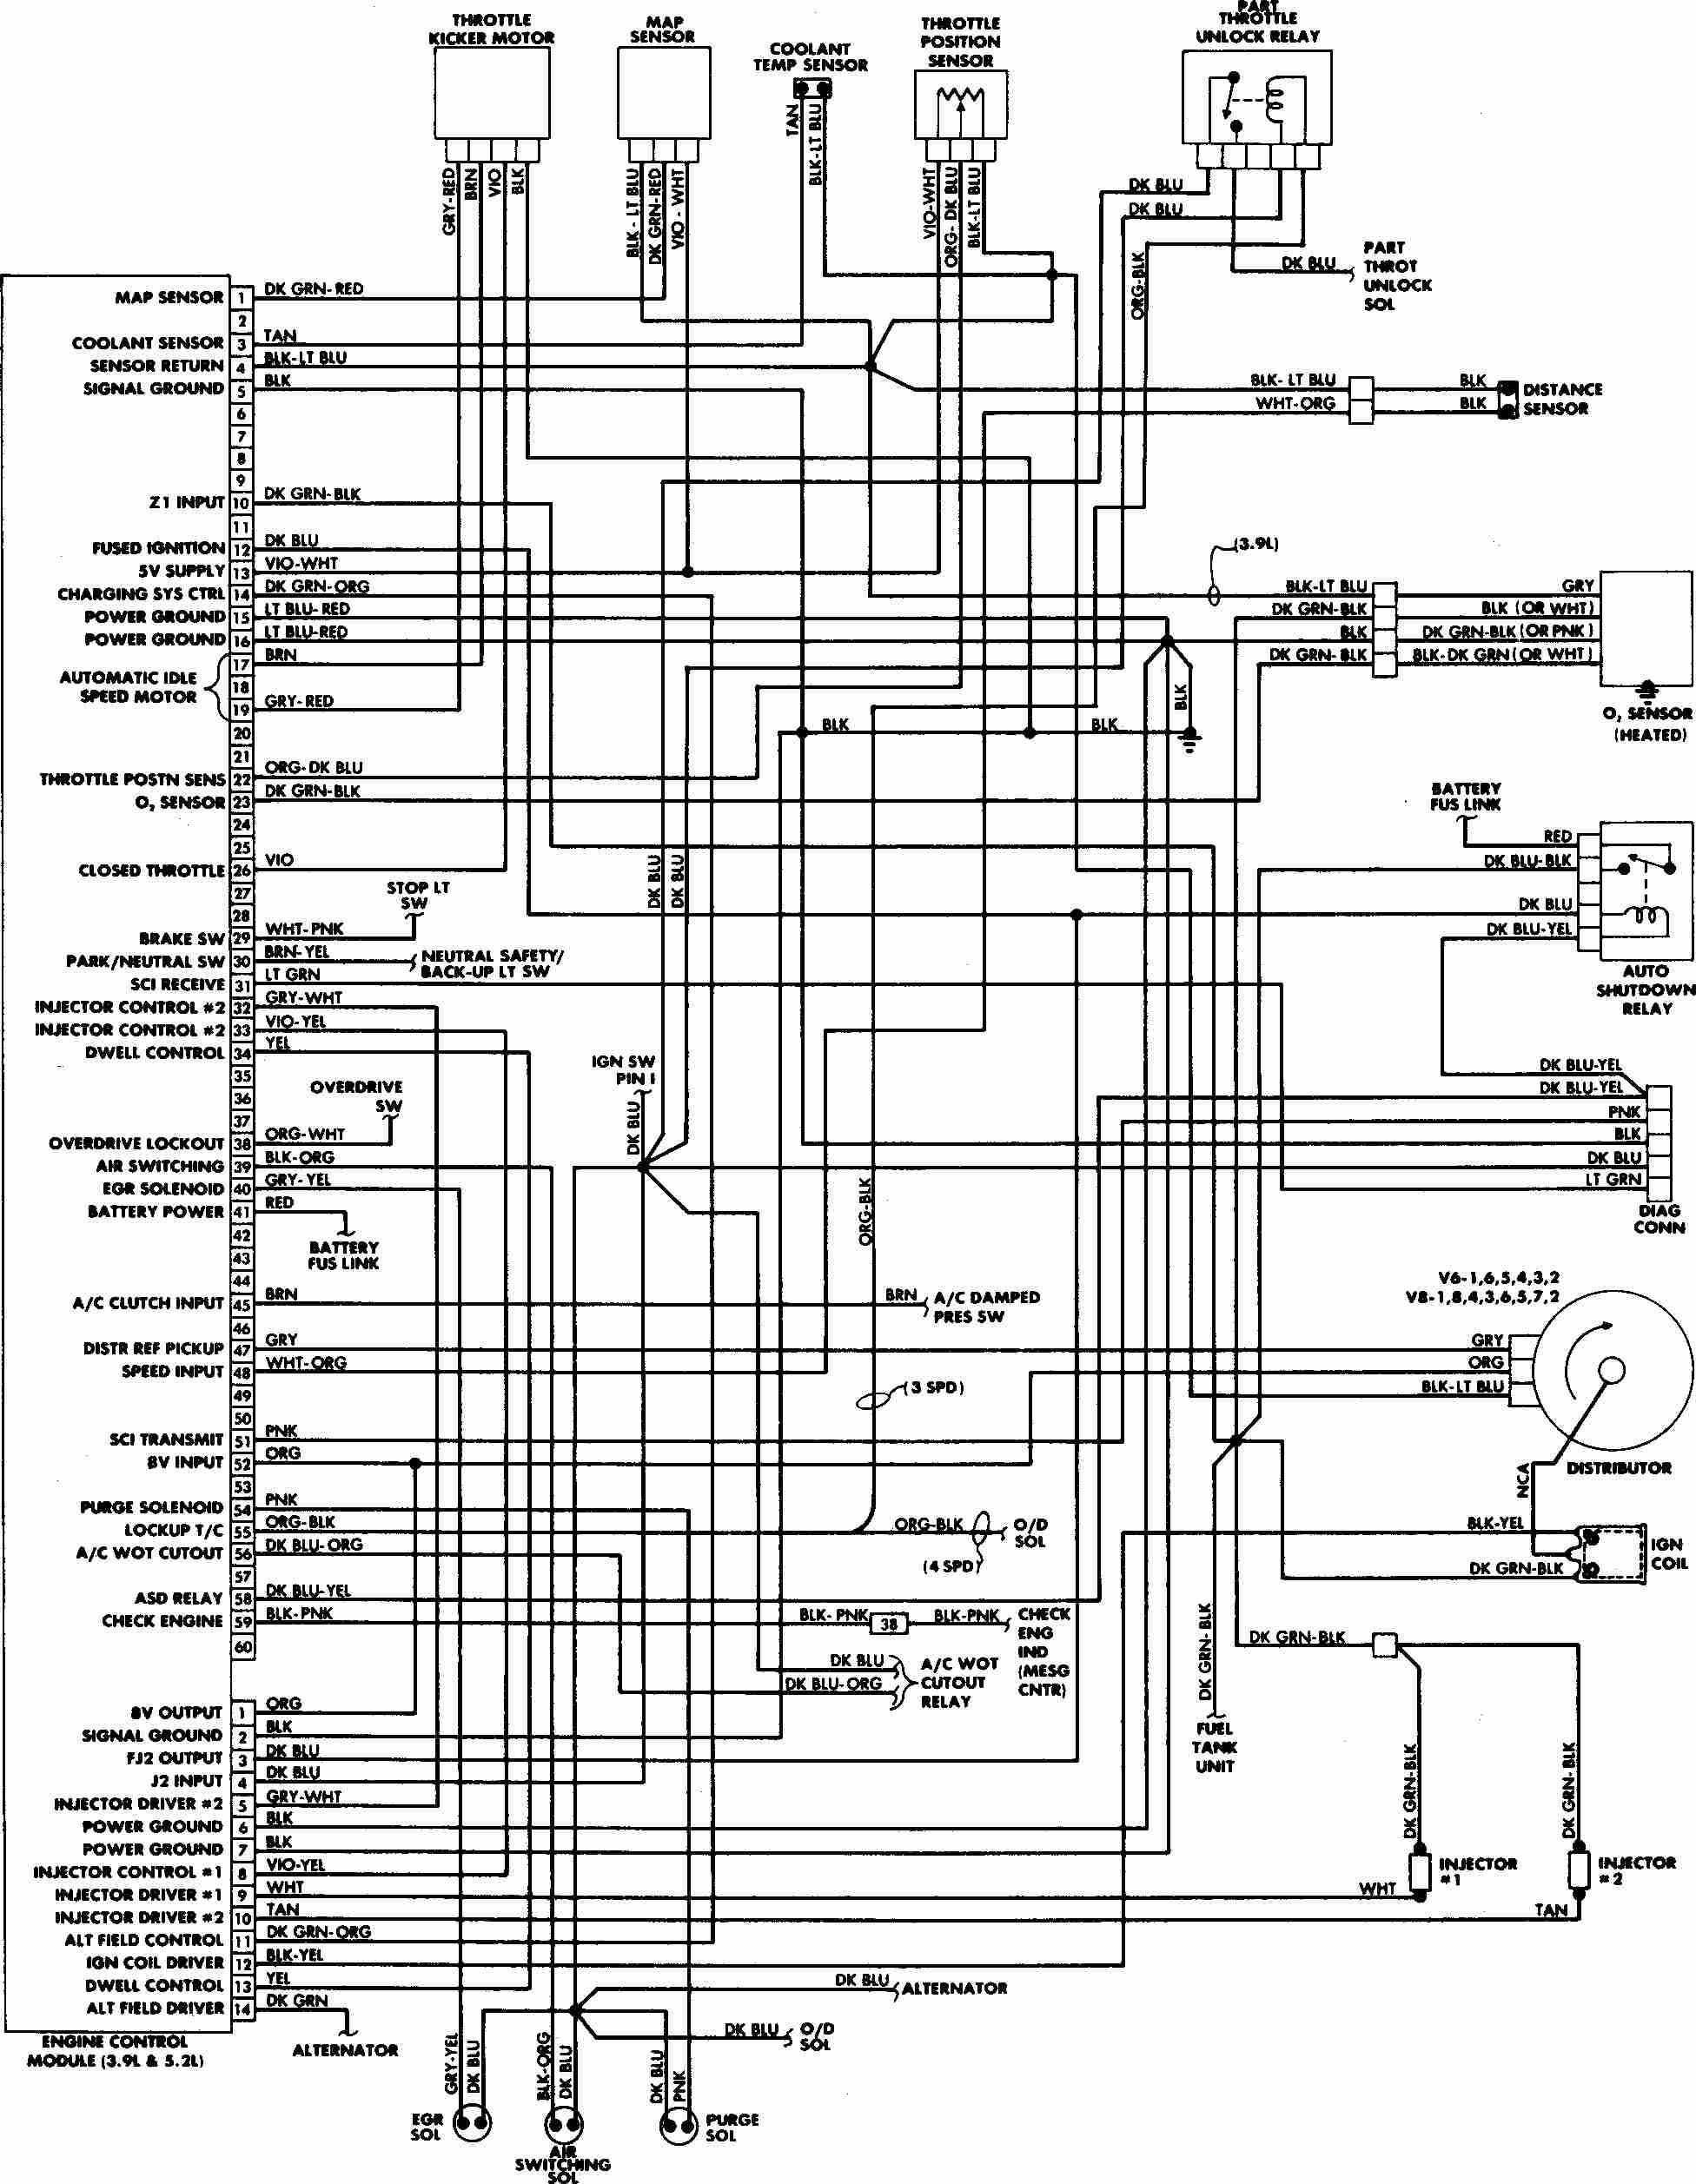 2000 Dodge Durango Engine Diagram 2003 Dodge Durango Emissions Diagram Free Download Wiring Diagram Of 2000 Dodge Durango Engine Diagram